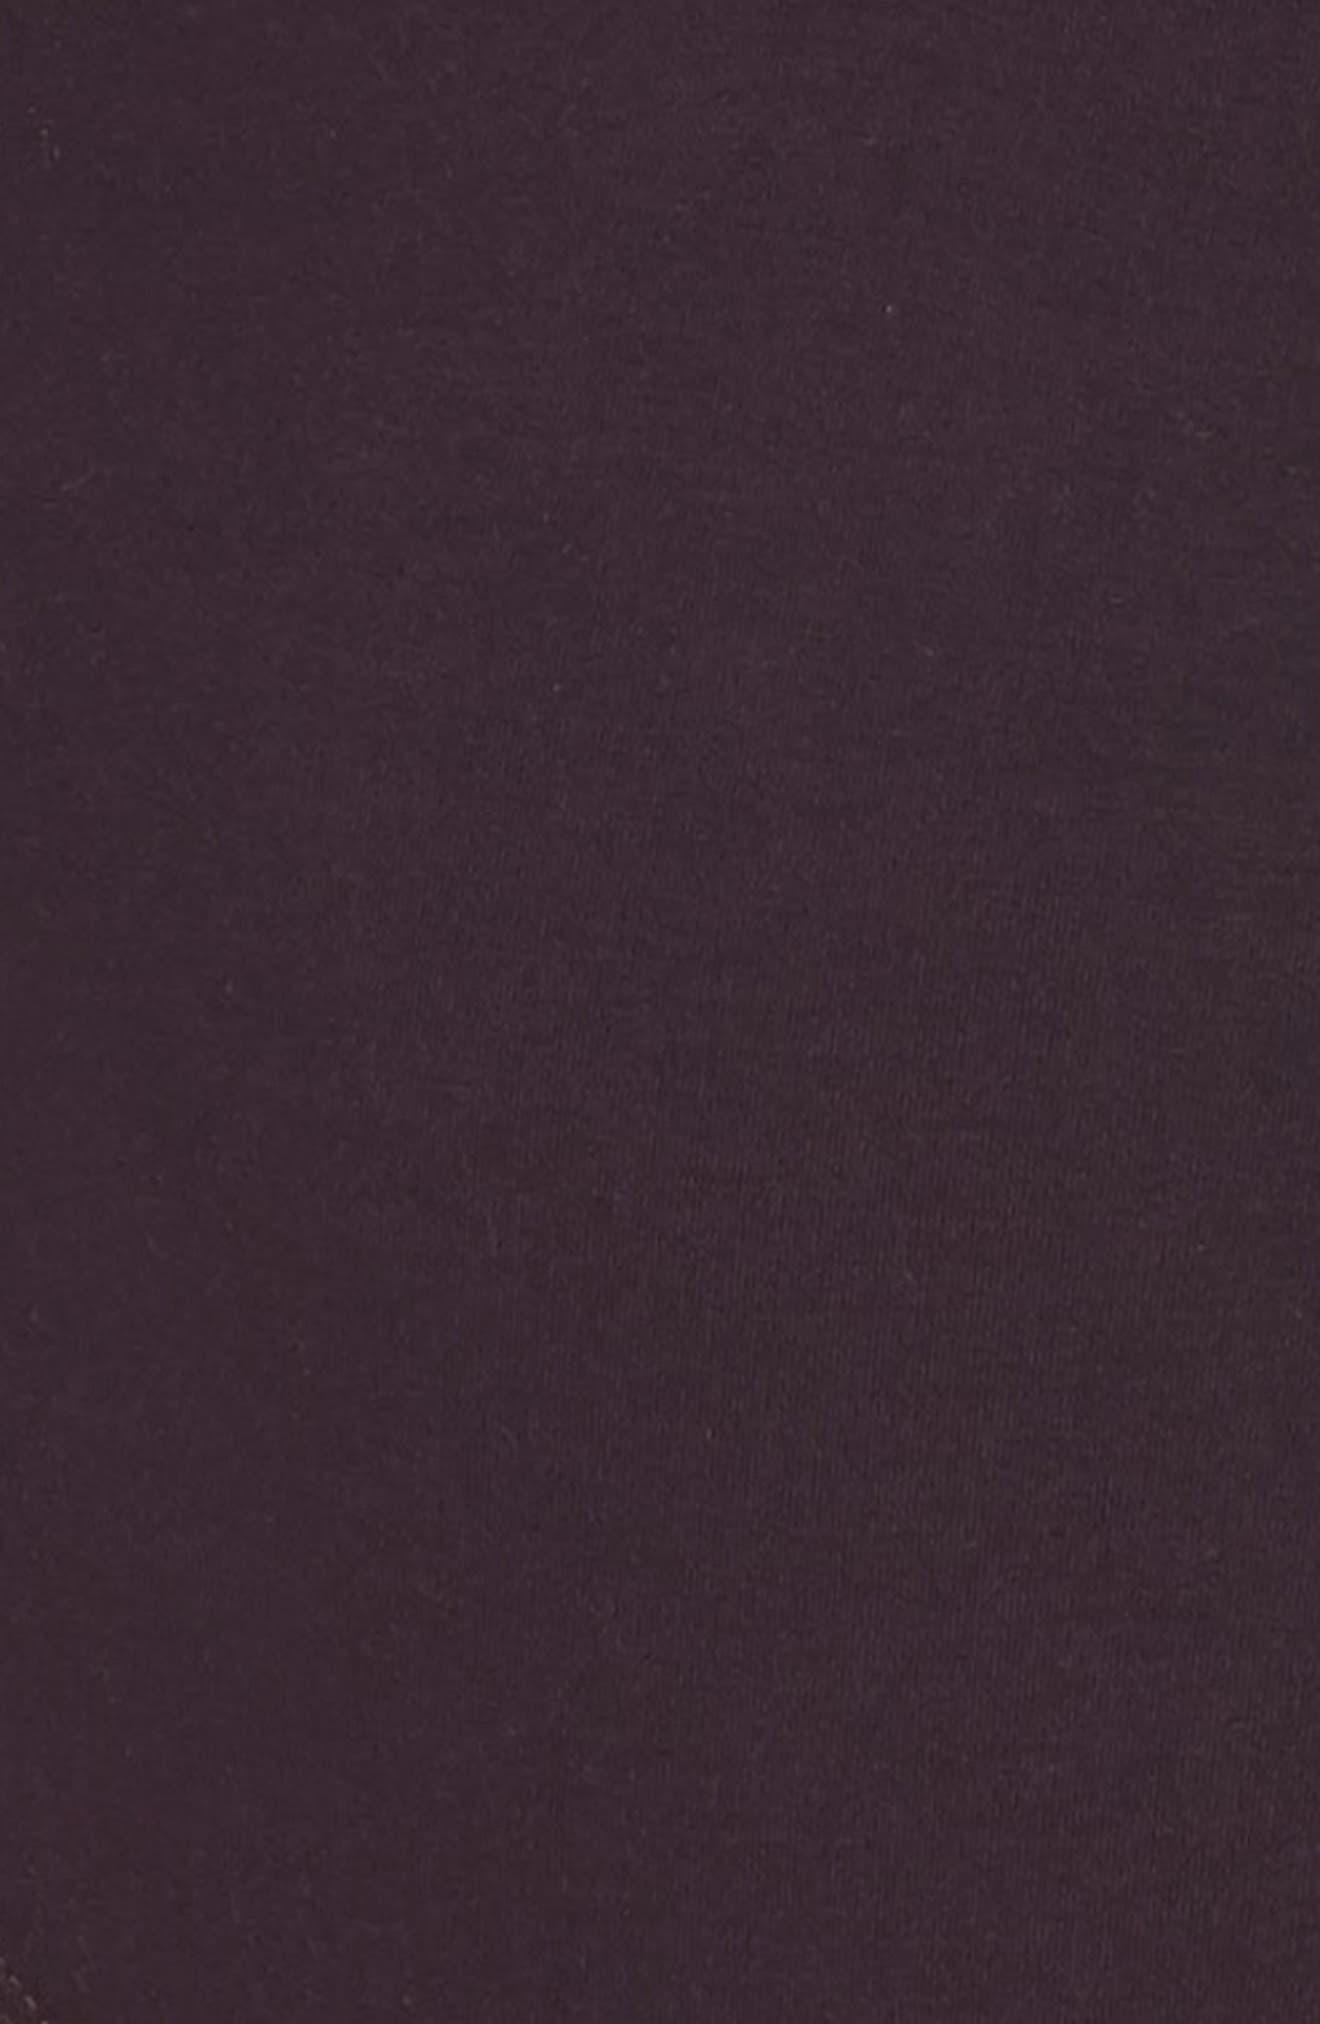 Crisscross Bodysuit,                             Alternate thumbnail 6, color,                             Raisin